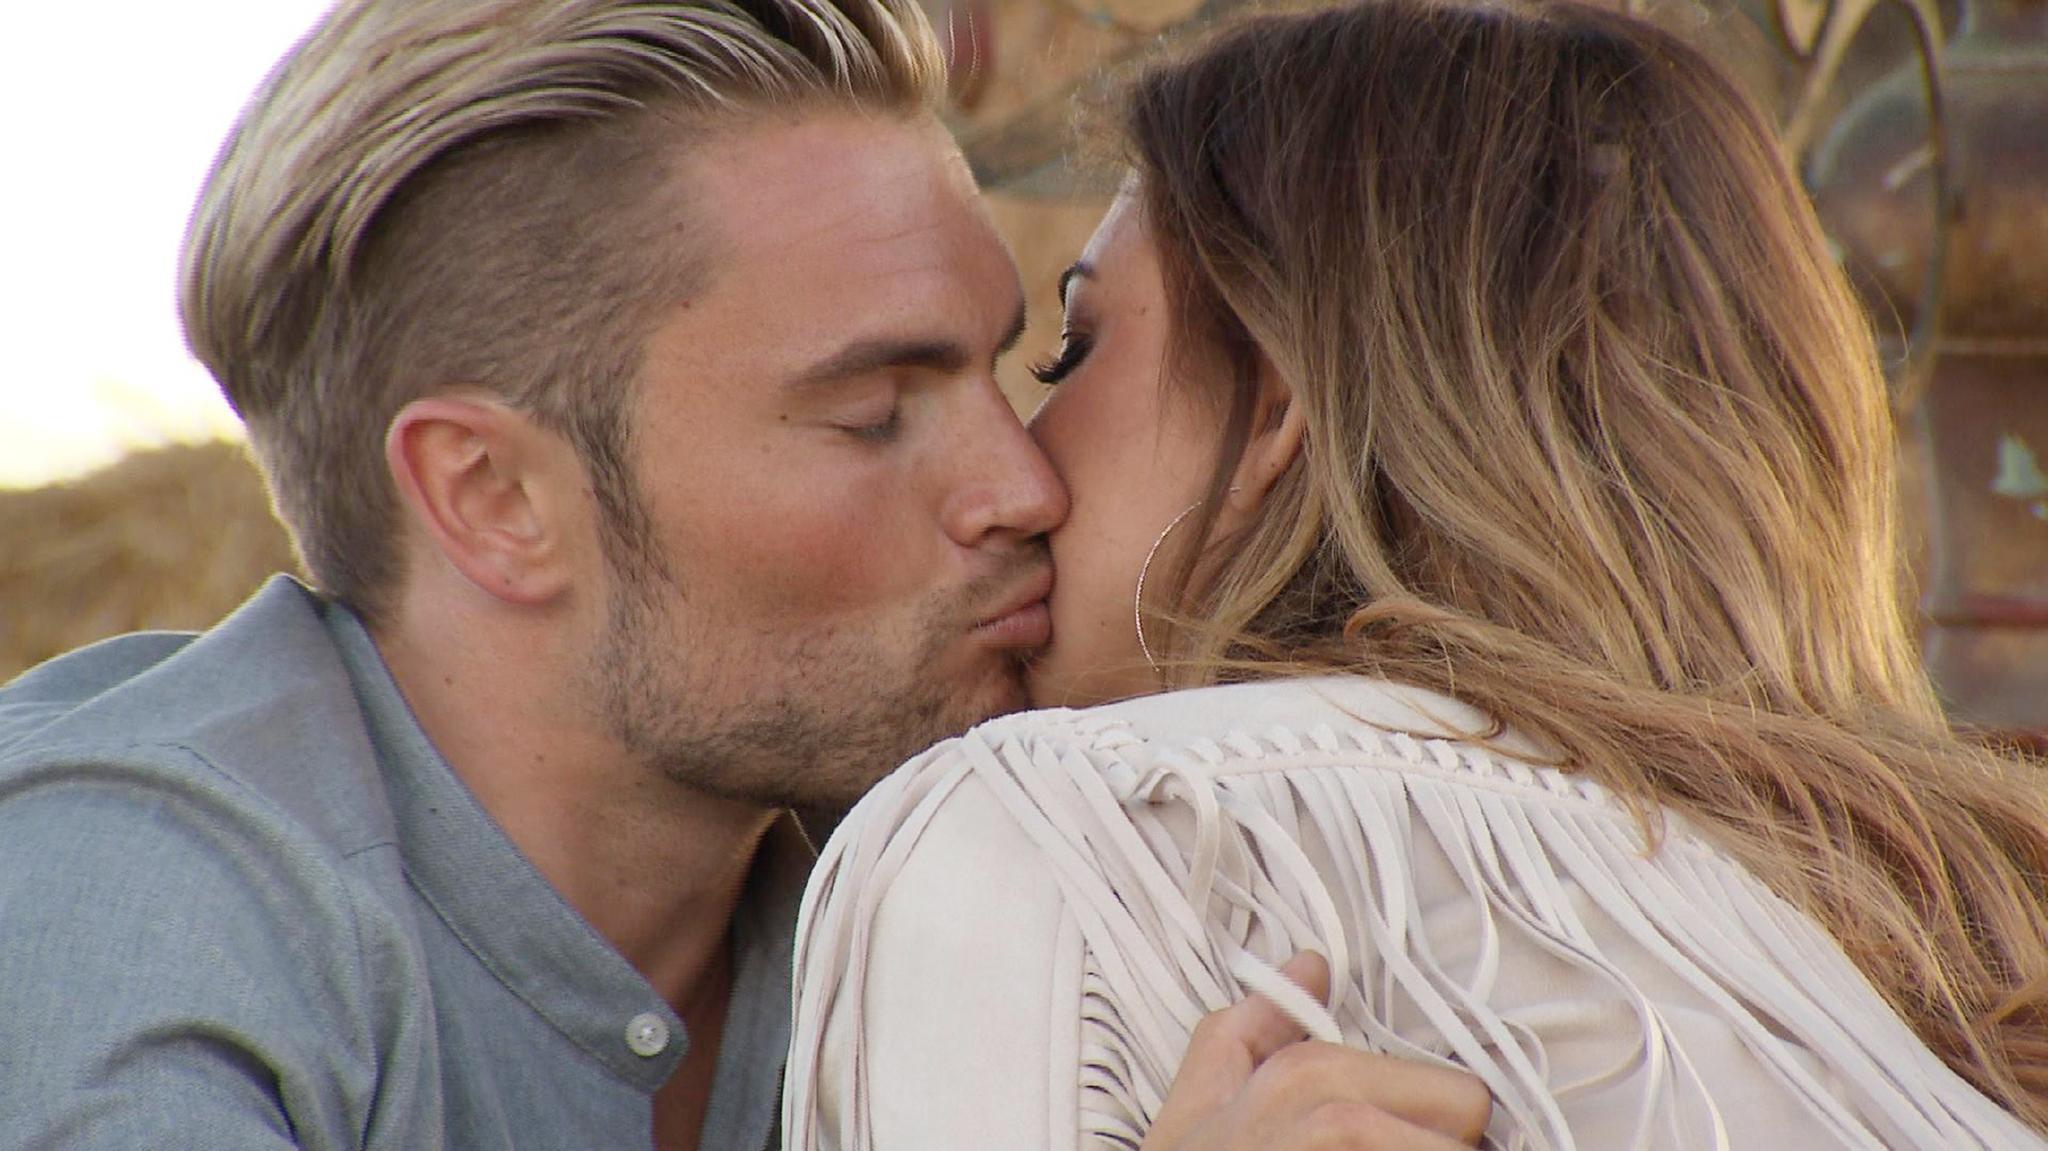 Johannes Setzt Zum Kuss An Doch Jessica Halt Nur Ihre Wange Hin